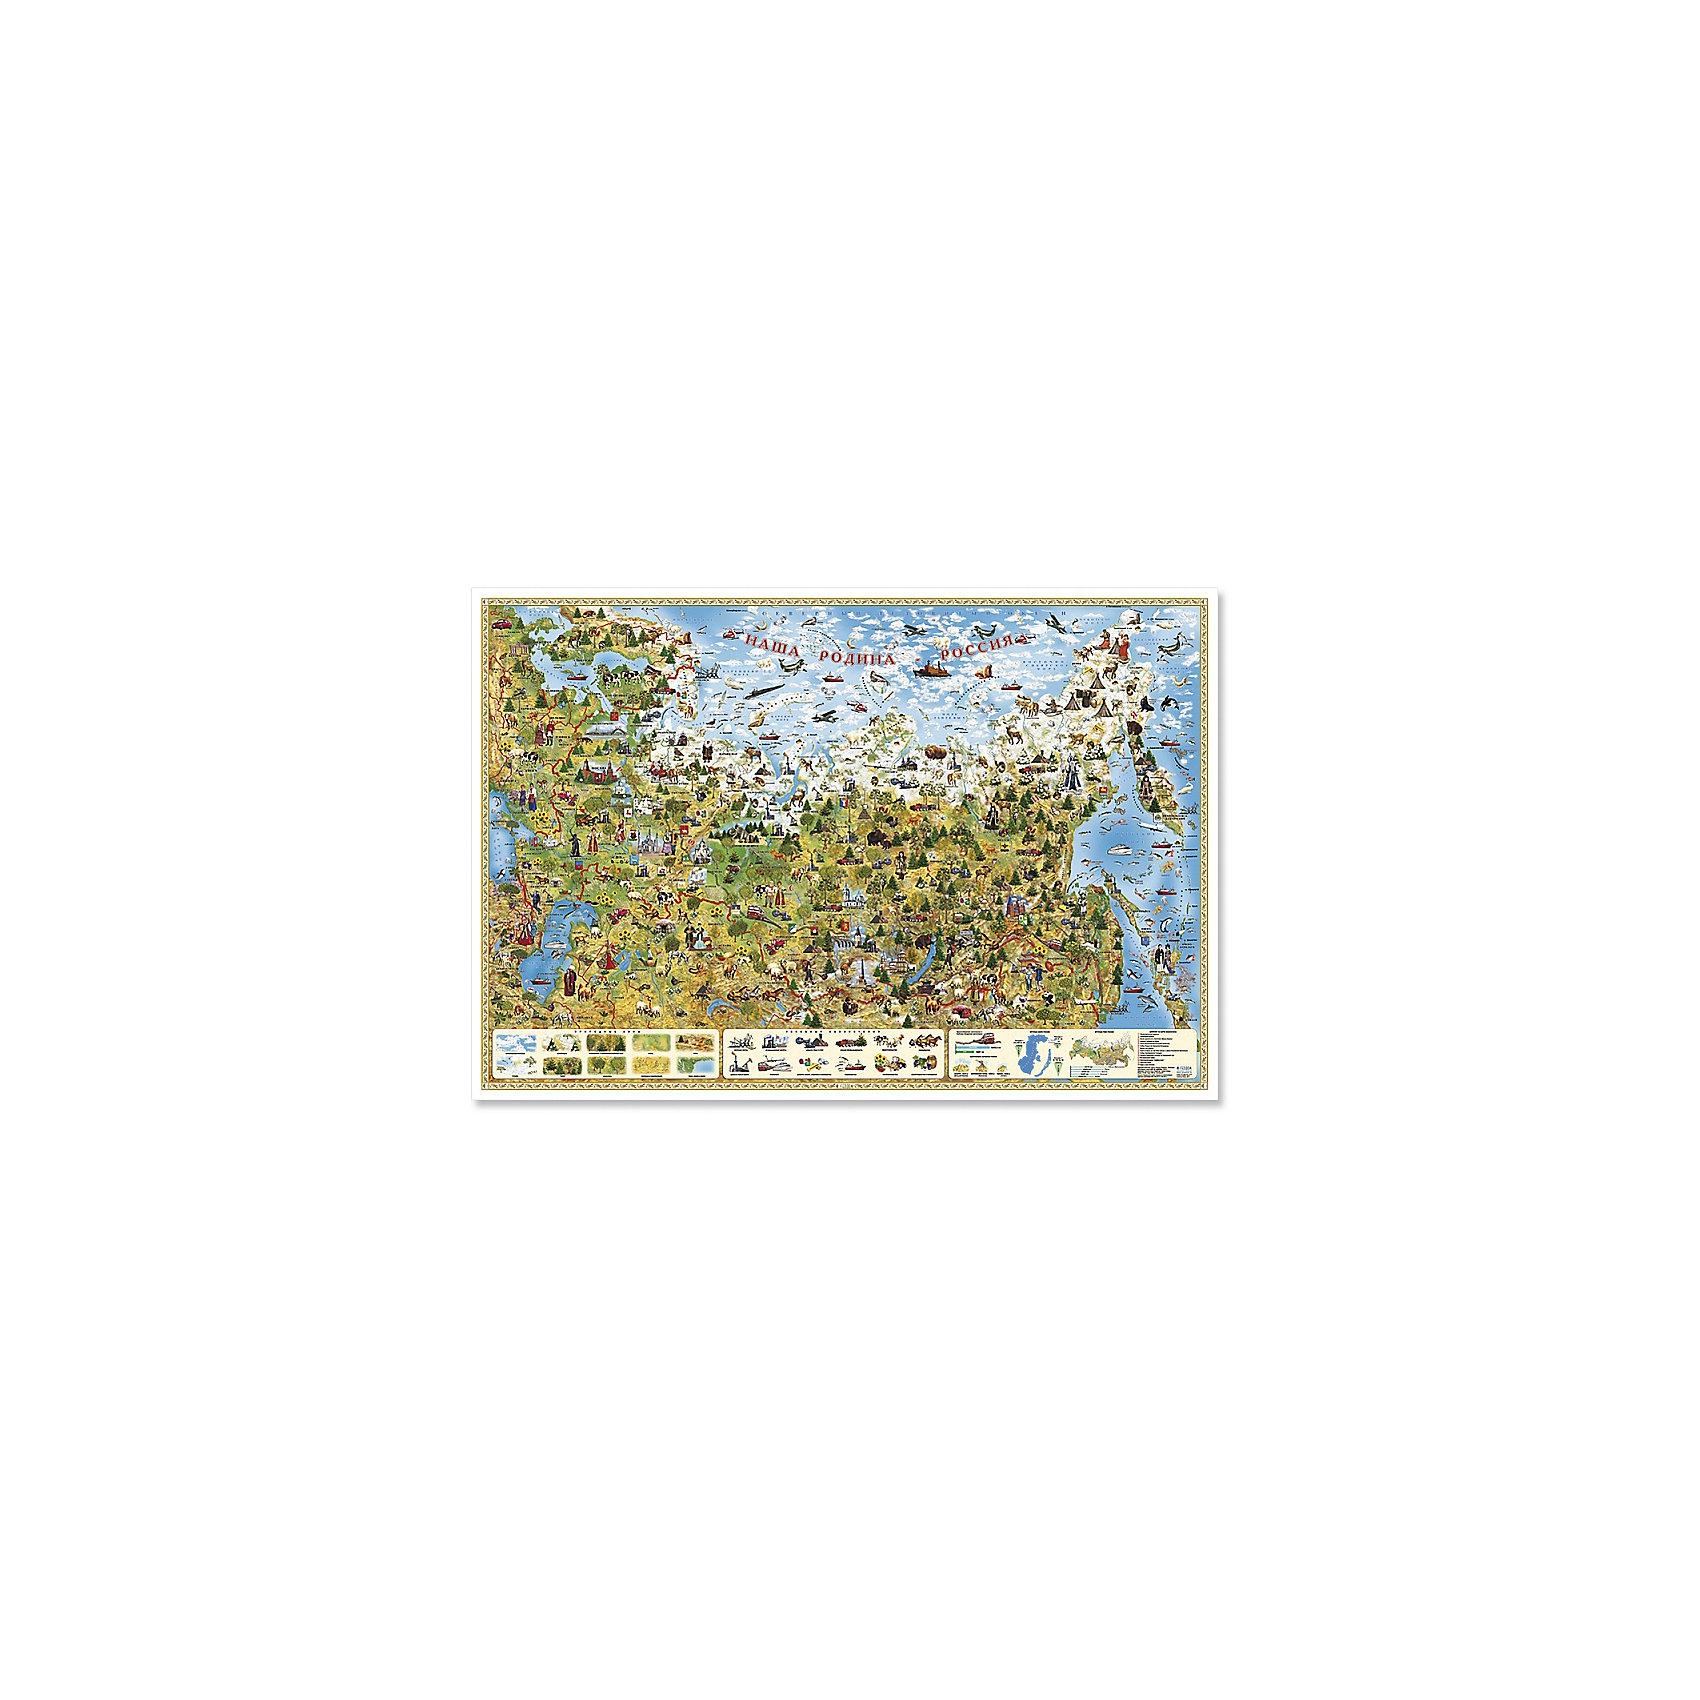 Настенная карта Наша Родина-Россия, 101*69 см, ламинированнаяАтласы и карты<br>Характеристики товара:<br><br>• материал: ламинированная бумага<br>• возраст: от 3 лет<br>• размер карты: 101х69 см<br>• вес: 150 г<br>• страна производитель: Россия<br><br>Россия - самая большая страна в мире, занимает обширные пространства сразу в двух частях света - в Европе и Азии, граничит с 18 государствами. Здесь обитает огромное разнообразие животных и птиц, множество народов населяют нашу Родину. Благодаря карте Наша Родина -Россия ребенок может узнать как сказочно богата природными ресурсами наша страна, такими как золото, уголь, алмазы, газ; развито животноводство и сельское хозяйство.<br><br>Настенную карту Наша Родина-Россия, 101*69 см, ламинированную можно купить в нашем интернет-магазине.<br><br>Ширина мм: 1010<br>Глубина мм: 690<br>Высота мм: 1<br>Вес г: 150<br>Возраст от месяцев: 36<br>Возраст до месяцев: 2147483647<br>Пол: Унисекс<br>Возраст: Детский<br>SKU: 5422999